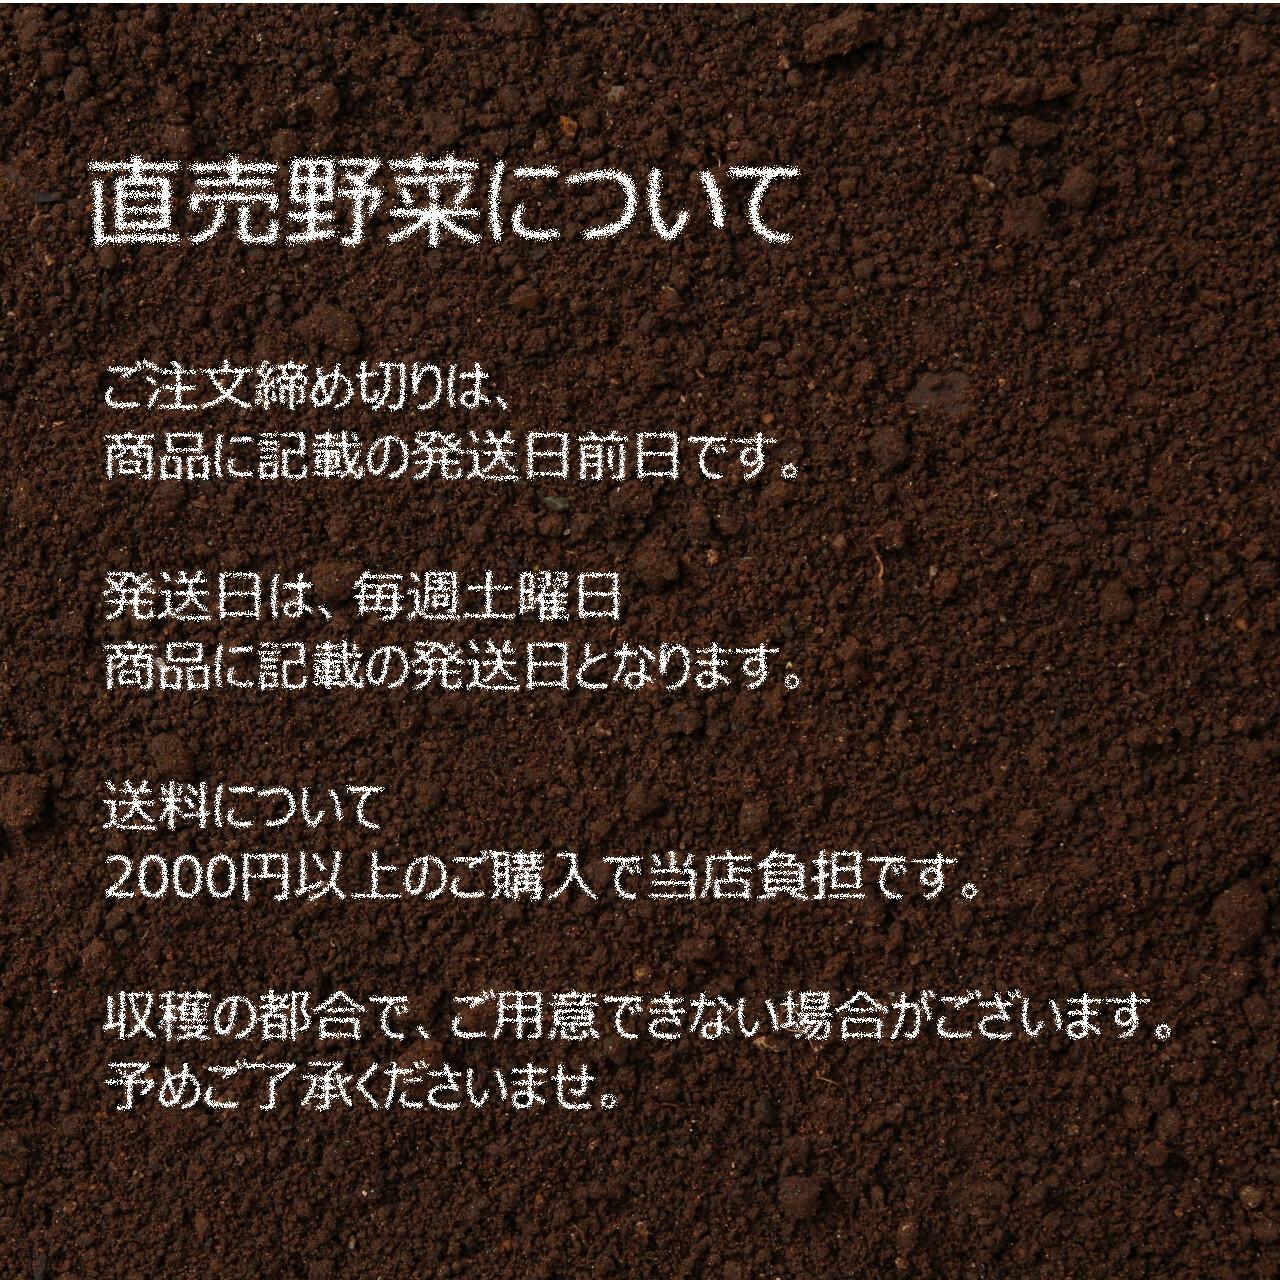 春菊 約250g 5月の朝採り直売野菜 新鮮な春野菜 5月2日発送予定